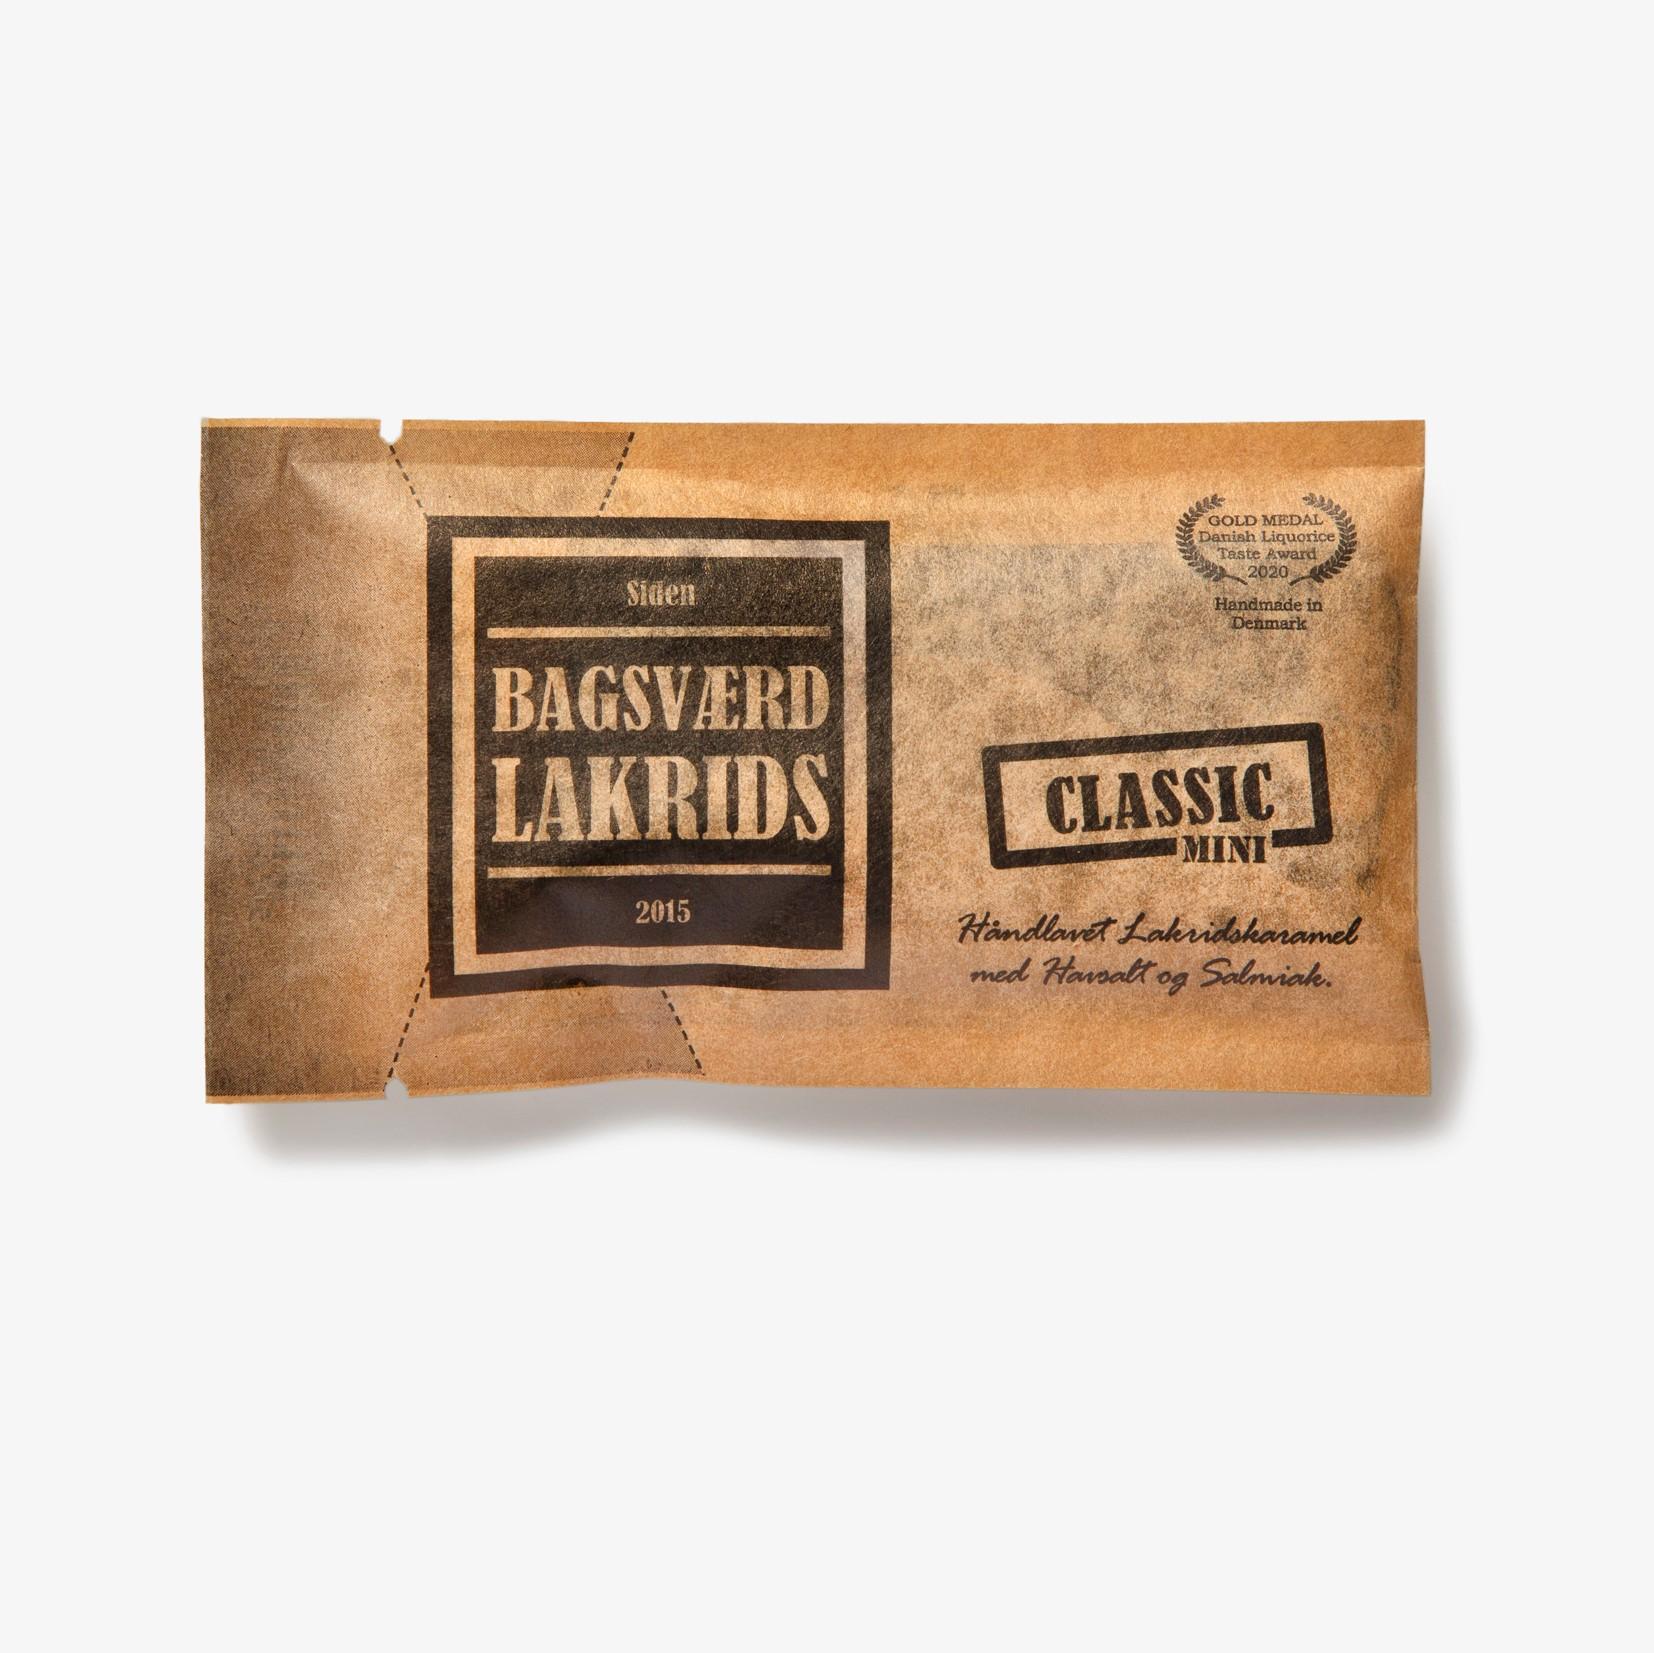 Bagsværd Lakrids - Classic Mini